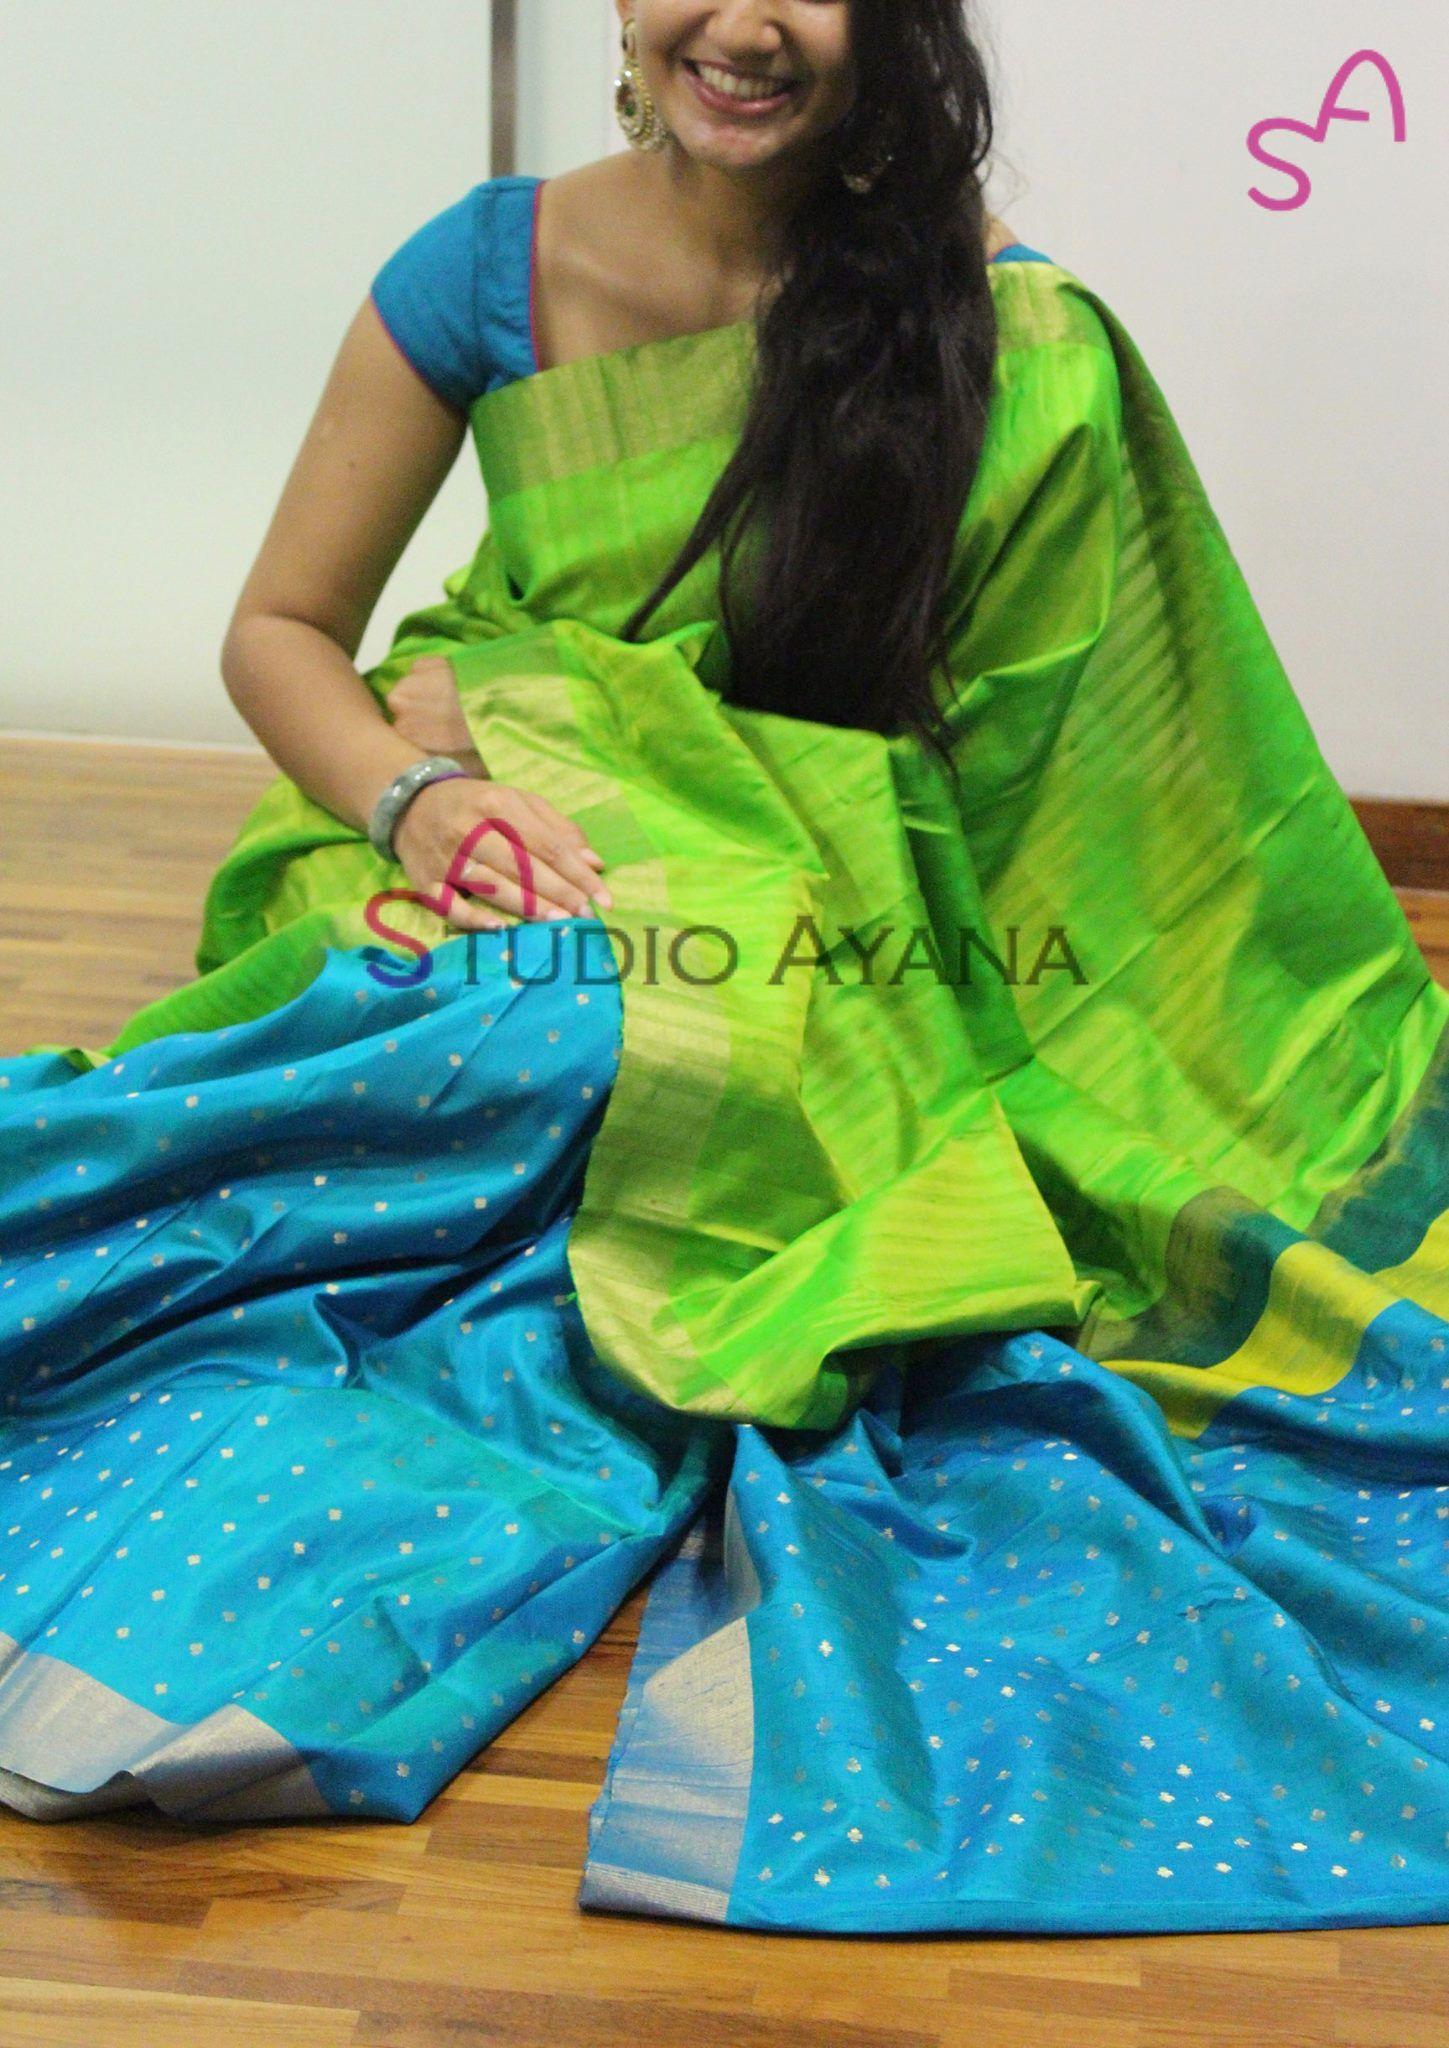 Jyothika traditional sari at shobi wedding saree blouse patterns - Studio Ayana Contact 099401 21524 04 August 2016 Simple Sarees Studioyardsindia